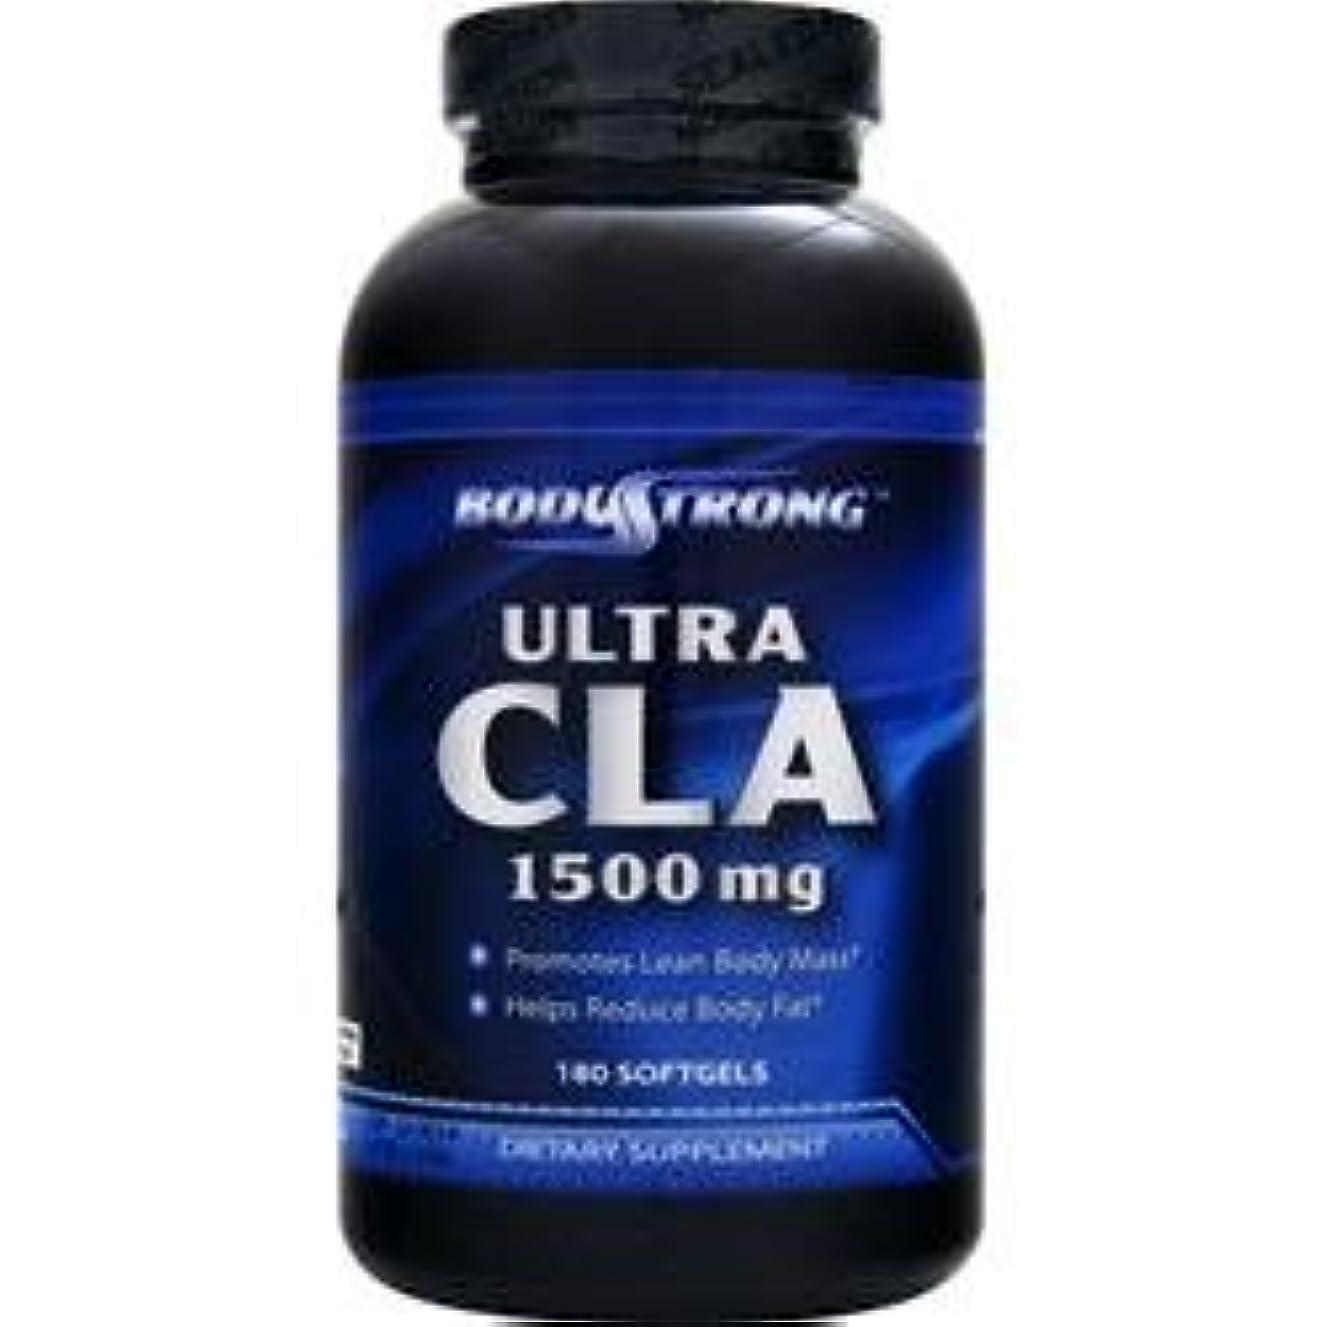 ドックかみそり遊び場BodyStrong ウルトラCLA 1500mg (Ultra CLA) (180ソフトジェル)